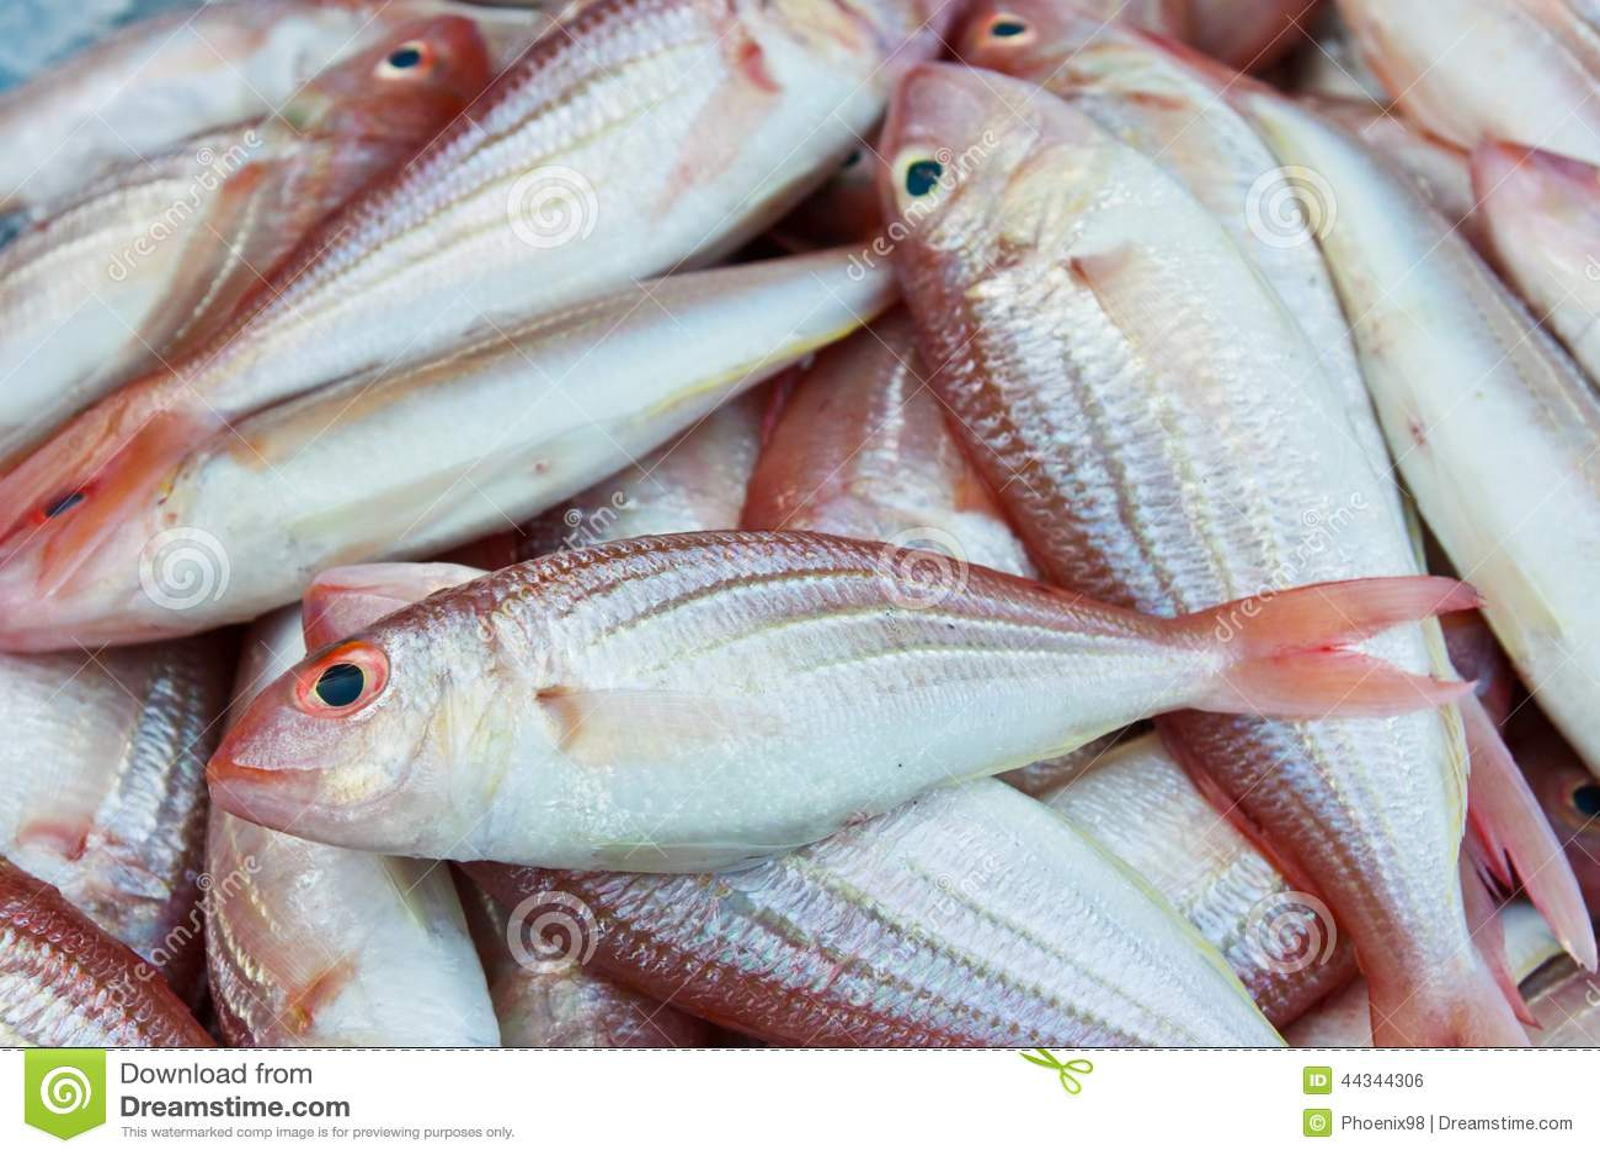 Red sea bream fish